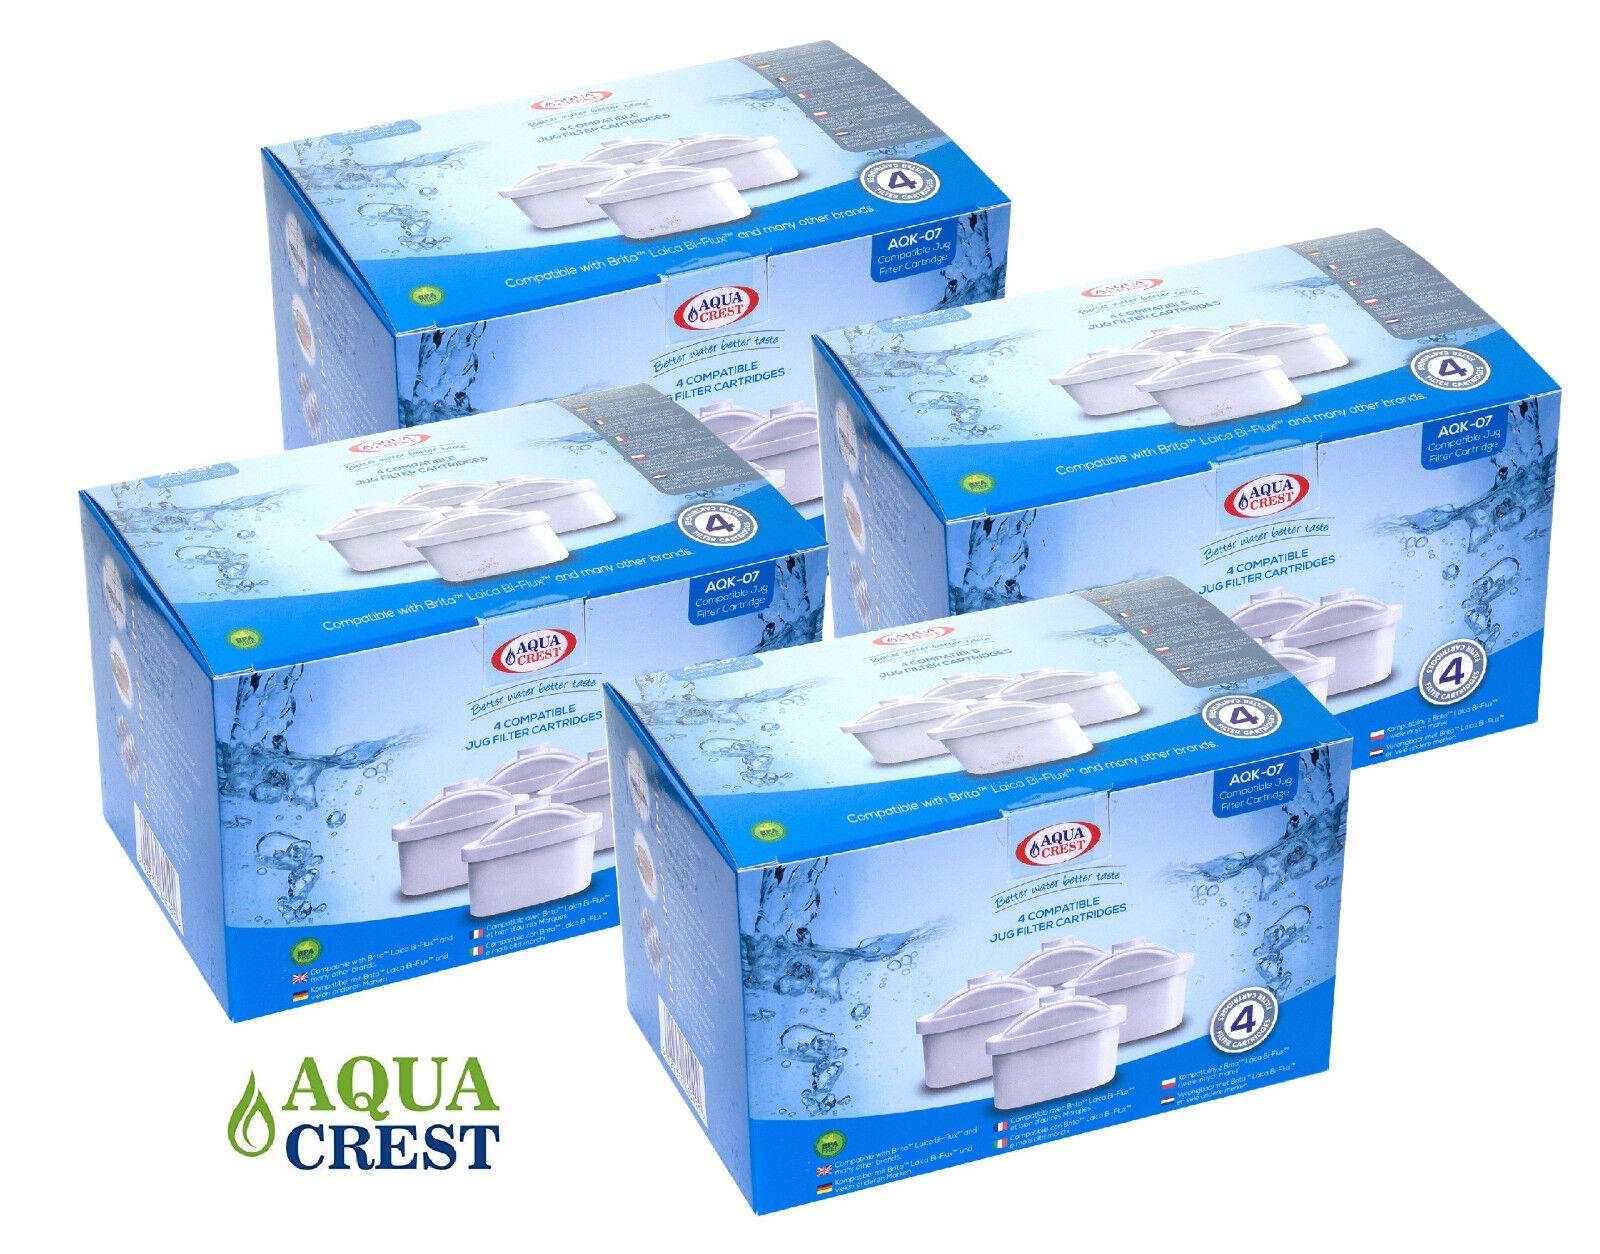 16 x Aquacrest AQK-07 für Bosch Tassimo ersetzen Brita Maxtra Wasserfilter